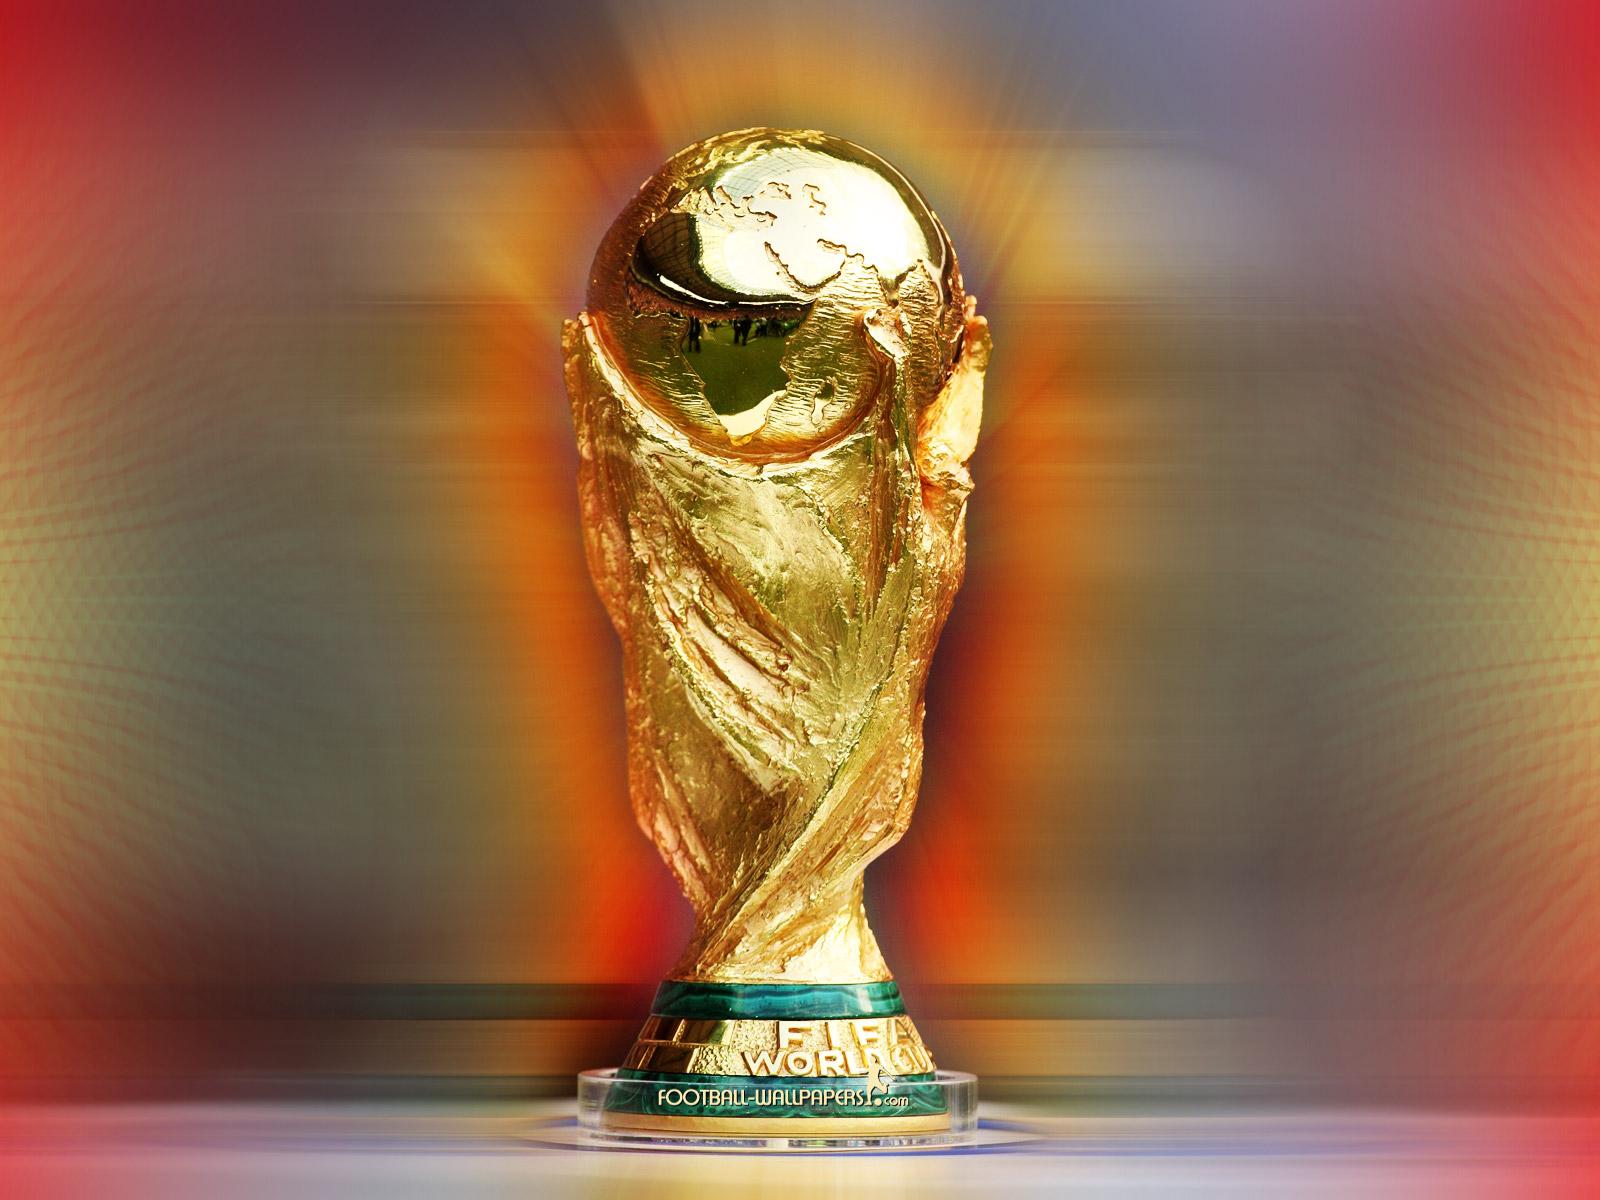 টেকনোলোজি নির্ভর ফুটবল বিশ্বকাপ এ অংশগ্রহনকারী দল এবং বর্তমান র্যাংক!